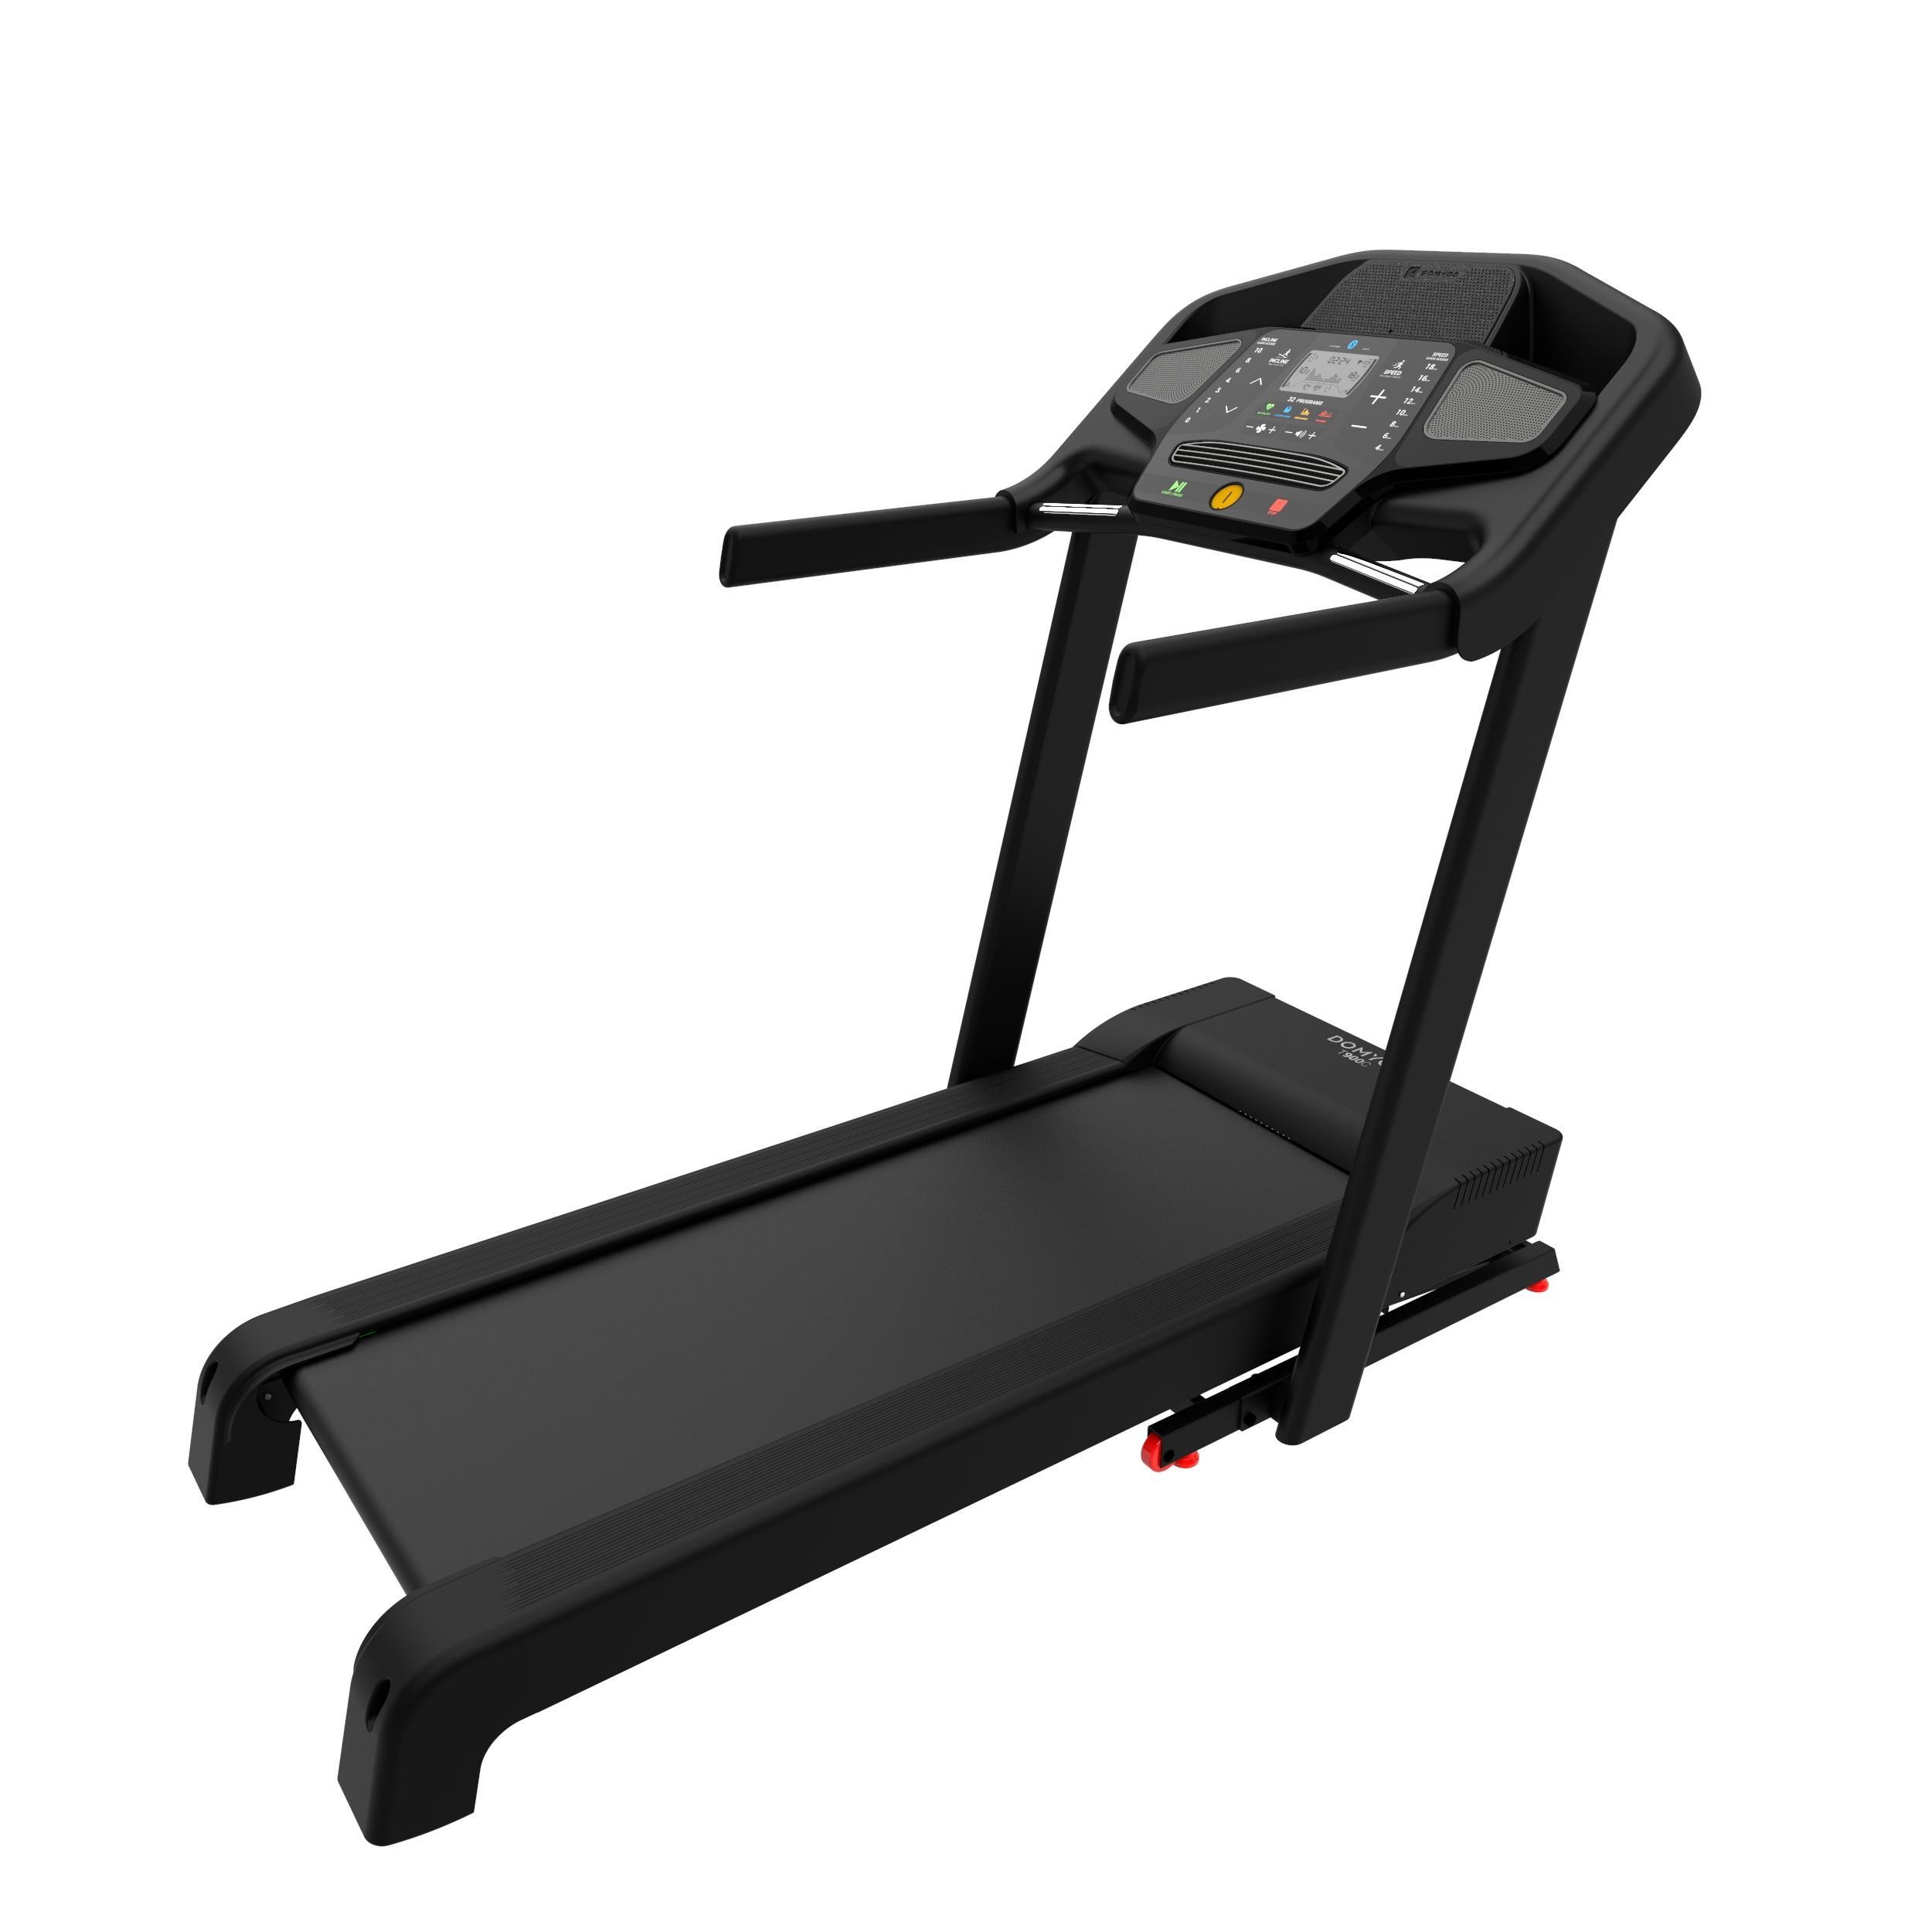 Cinta de correr plegable eléctrica Domyos T900C